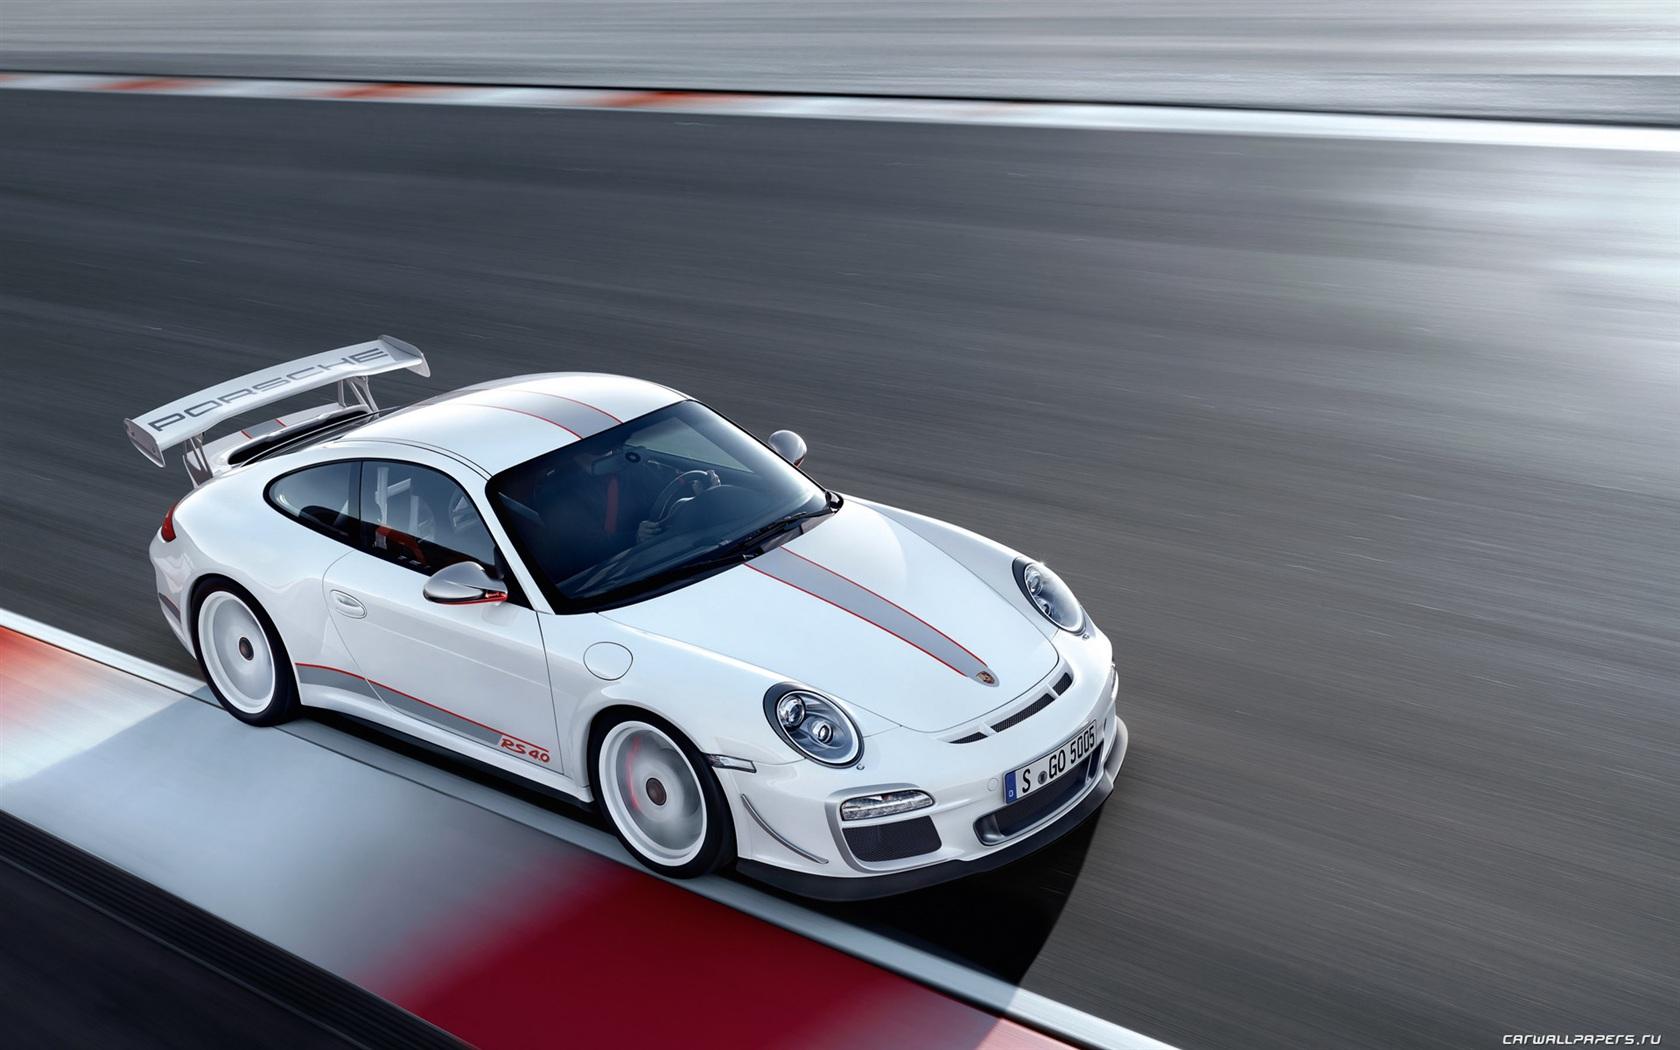 Porsche 911 GT3 RS 4.0 2011 Wallpaper | 1680x1050 wallpaper download